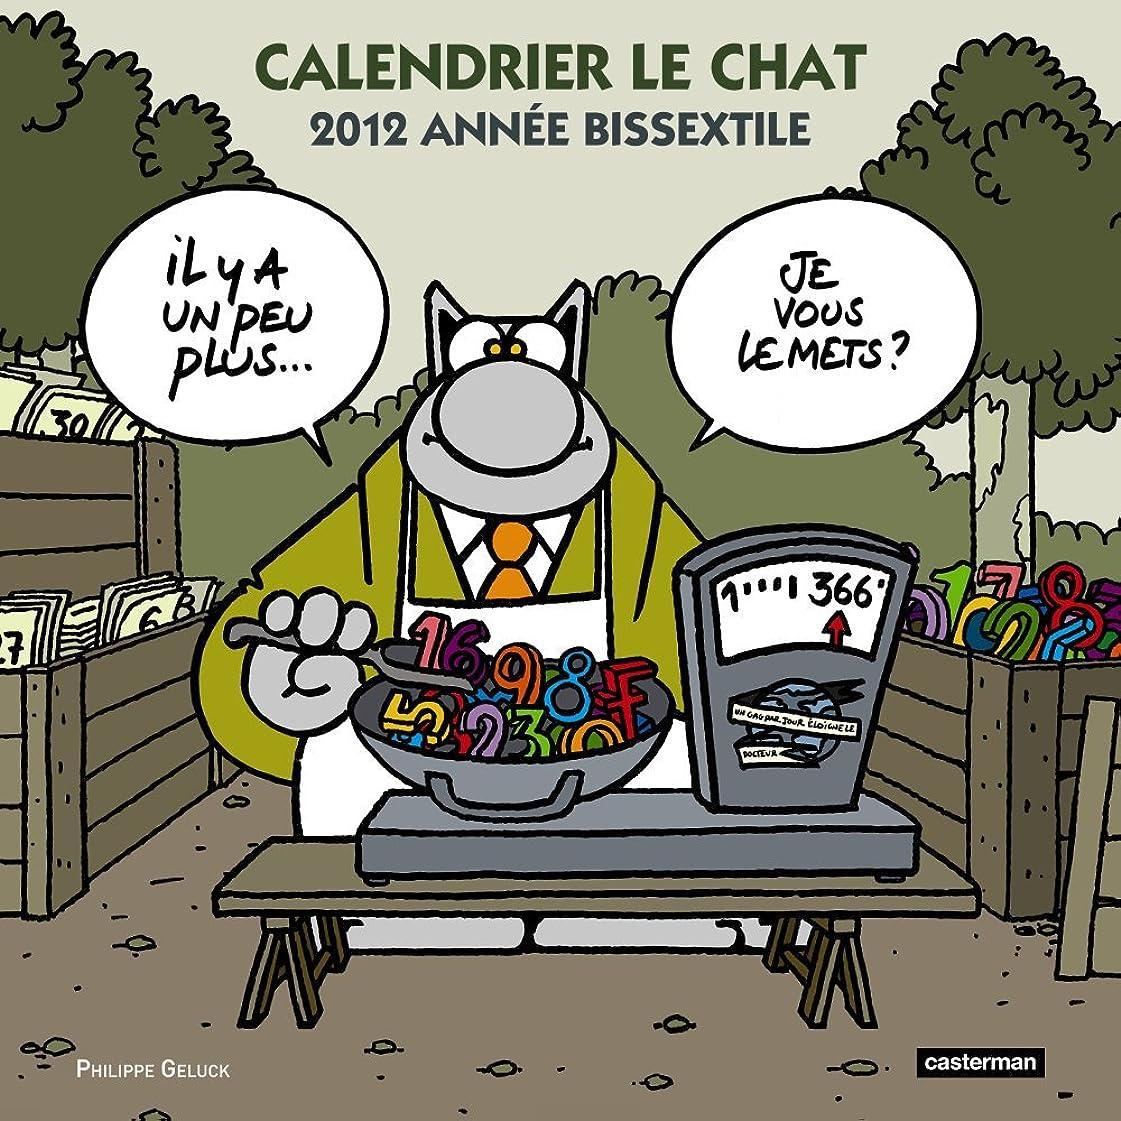 絶対にスラム伝染病Calendrier le Chat 2012